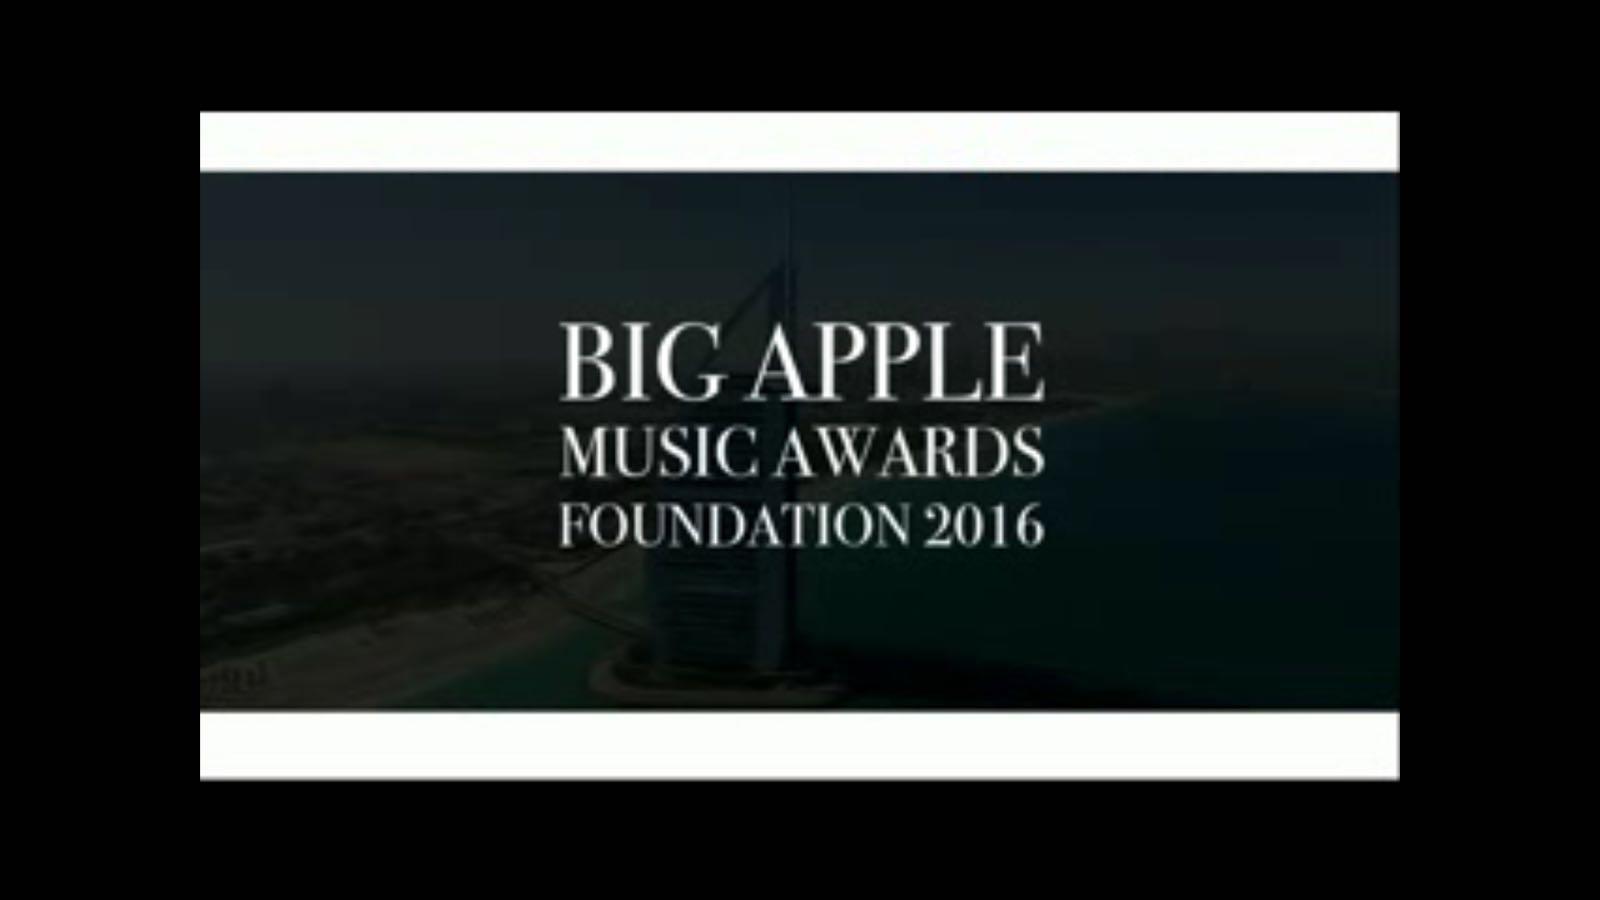 صورة big appel music في الدورة البلاتينية